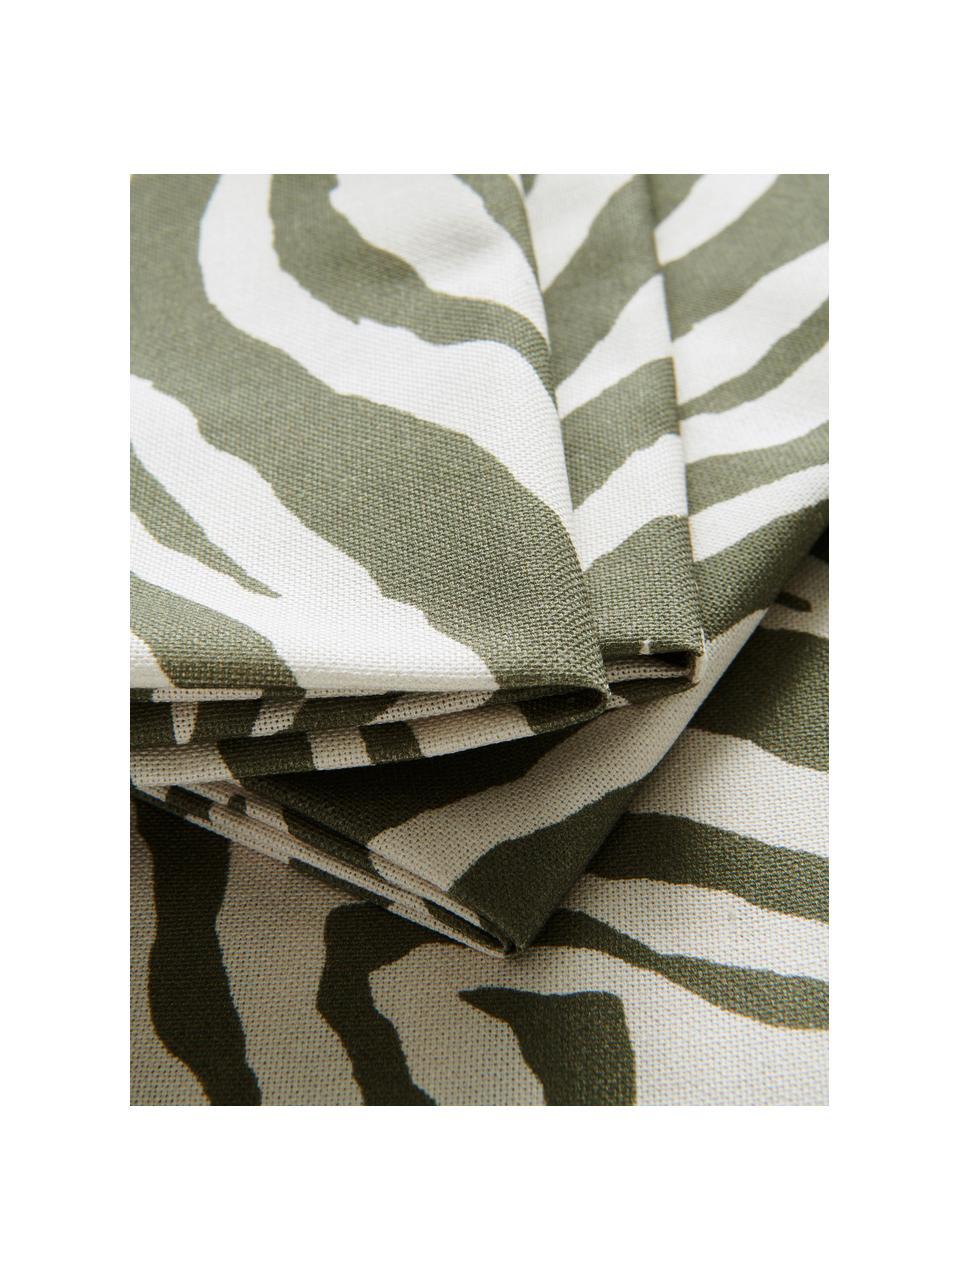 Stoff-Servietten Zadie aus Baumwolle mit Zebramuster, 4 Stück, 100% Baumwolle, Olivgrün, Cremeweiß, 45 x 45 cm